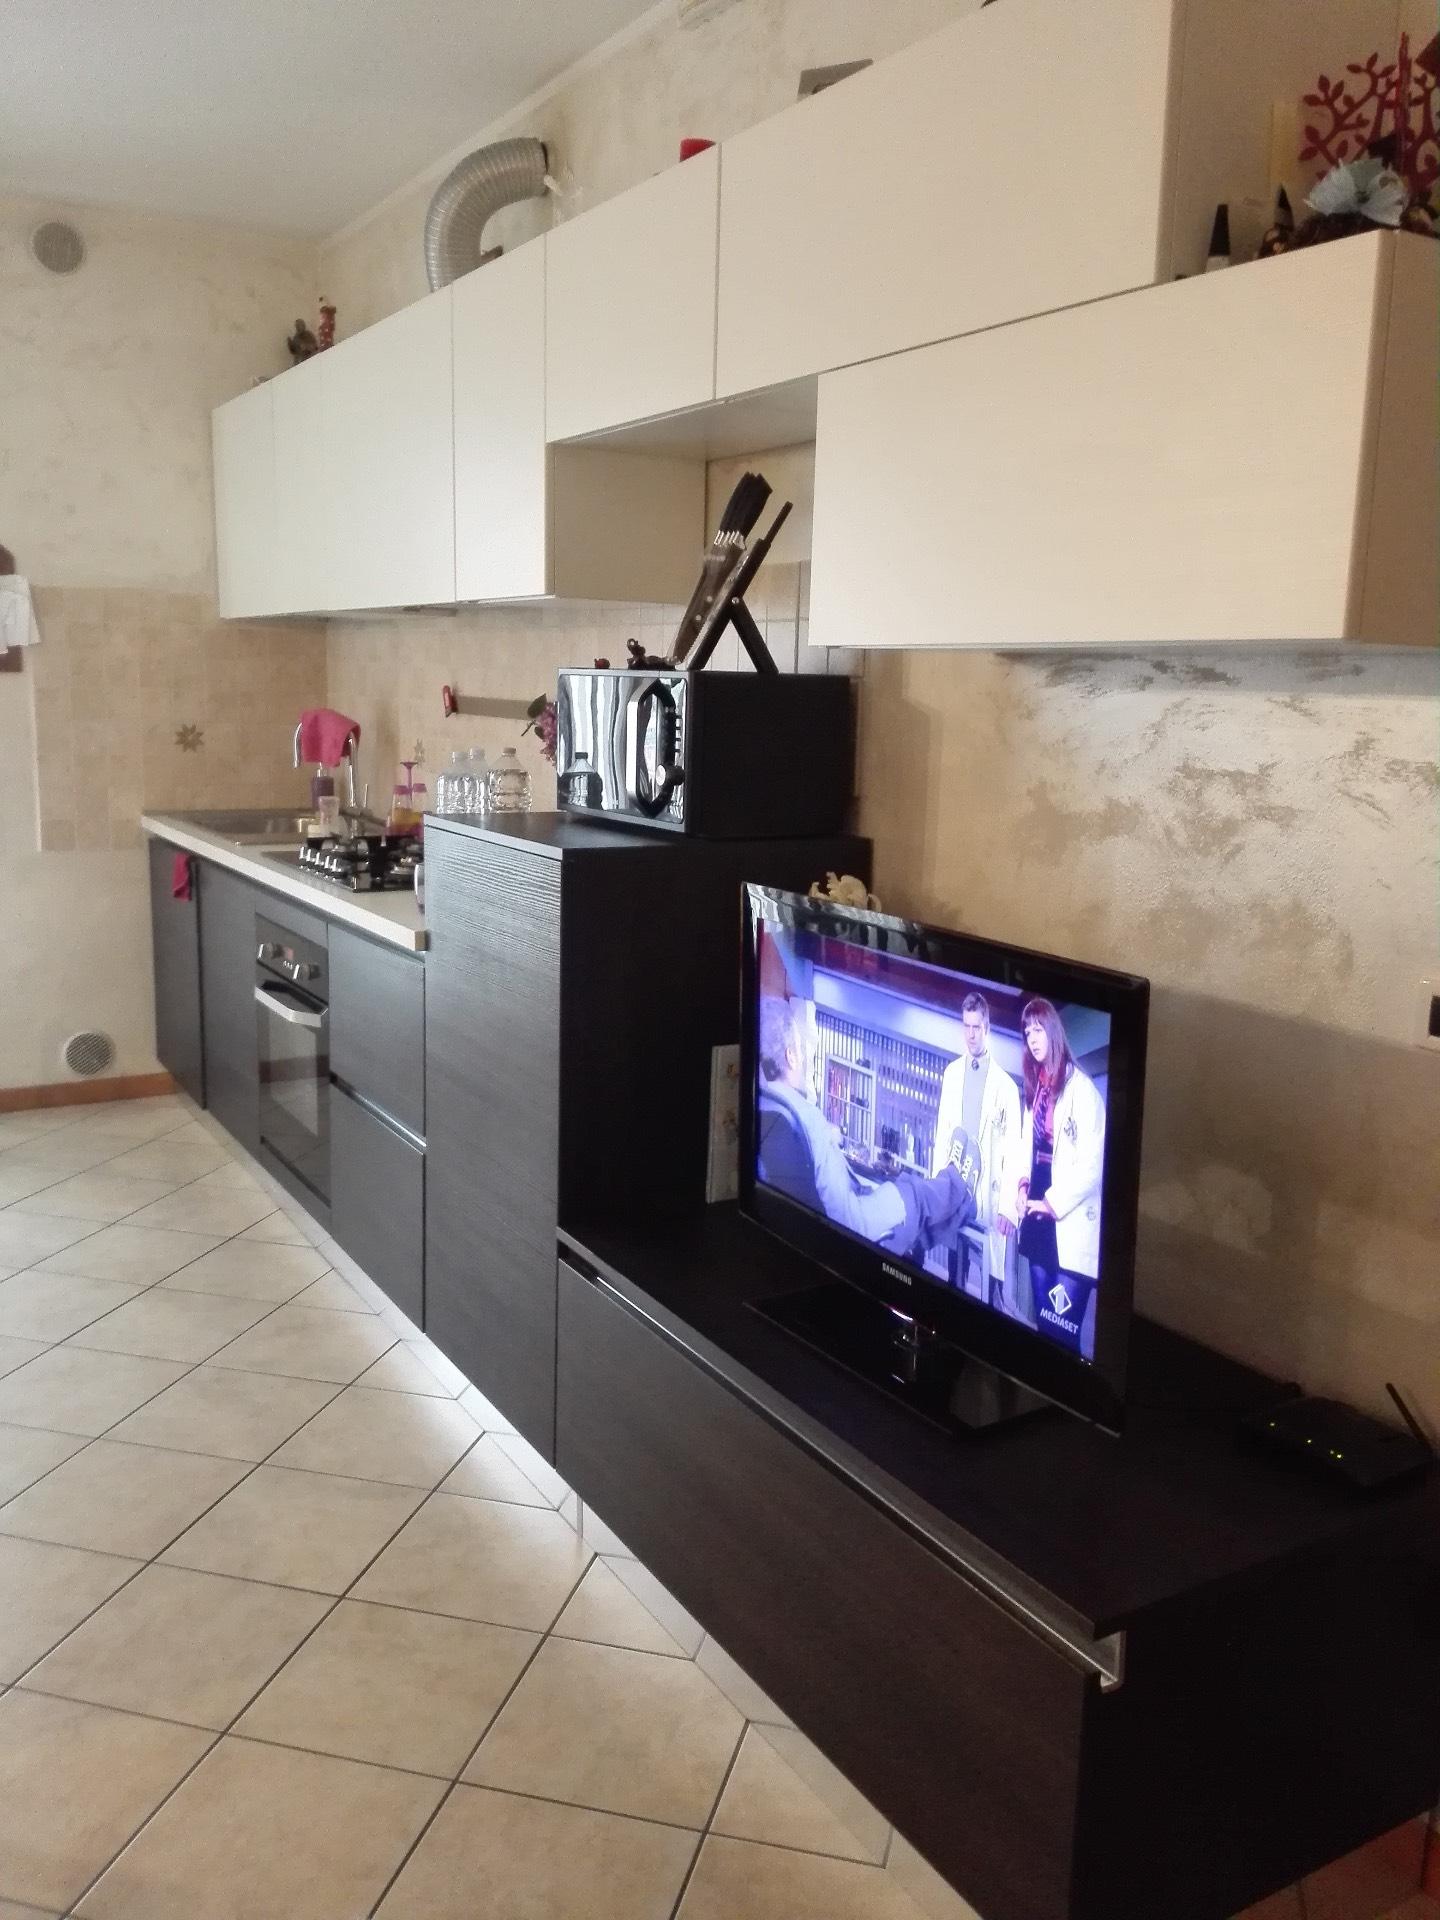 Appartamento in vendita a Santa Lucia di Piave, 3 locali, zona Località: S.aLucia, prezzo € 95.000 | Cambio Casa.it